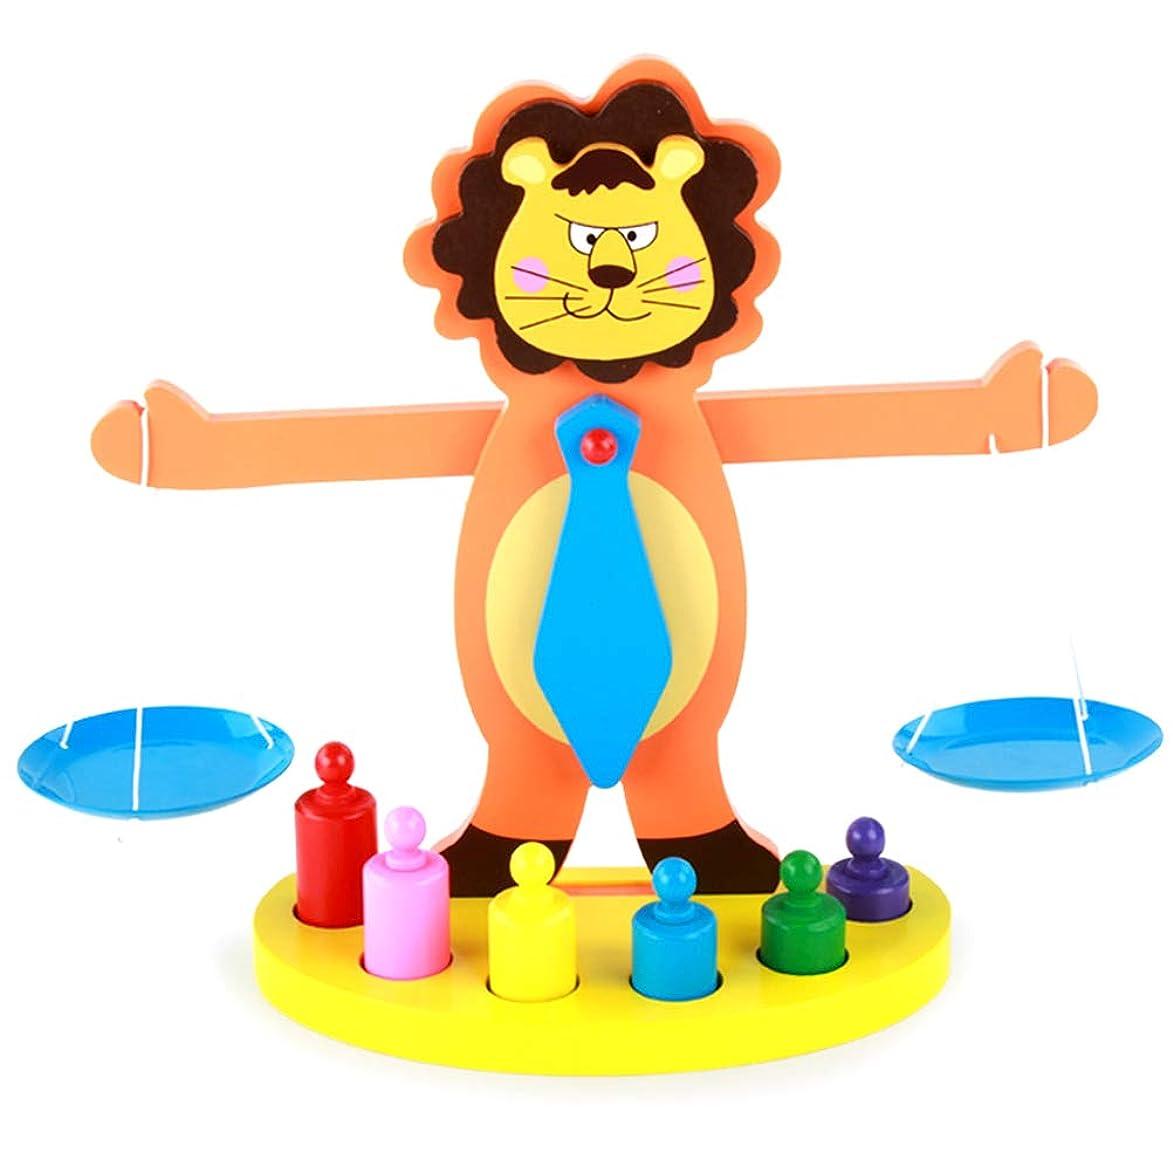 脱走好み立派なOurine バランスブロック 木製天秤 ライオンの仕様 バランスゲーム 積み木 木製パズル 組み立て 幼児 知育玩具 ブロック 木製おもちゃ カラフル 色の認識力 モデル 早期開発 入園祝い クリスマス 誕生日 プレゼント 贈り物